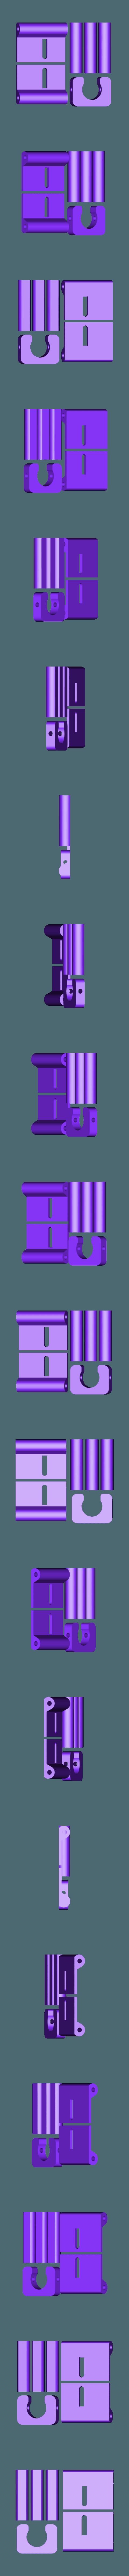 """SPDVL124_standoffs.stl Télécharger fichier STL gratuit SPDVL124 - Cadre Micro Quad 2.5"""" Racing / Freestyle 2.5 • Modèle à imprimer en 3D, Gophy"""